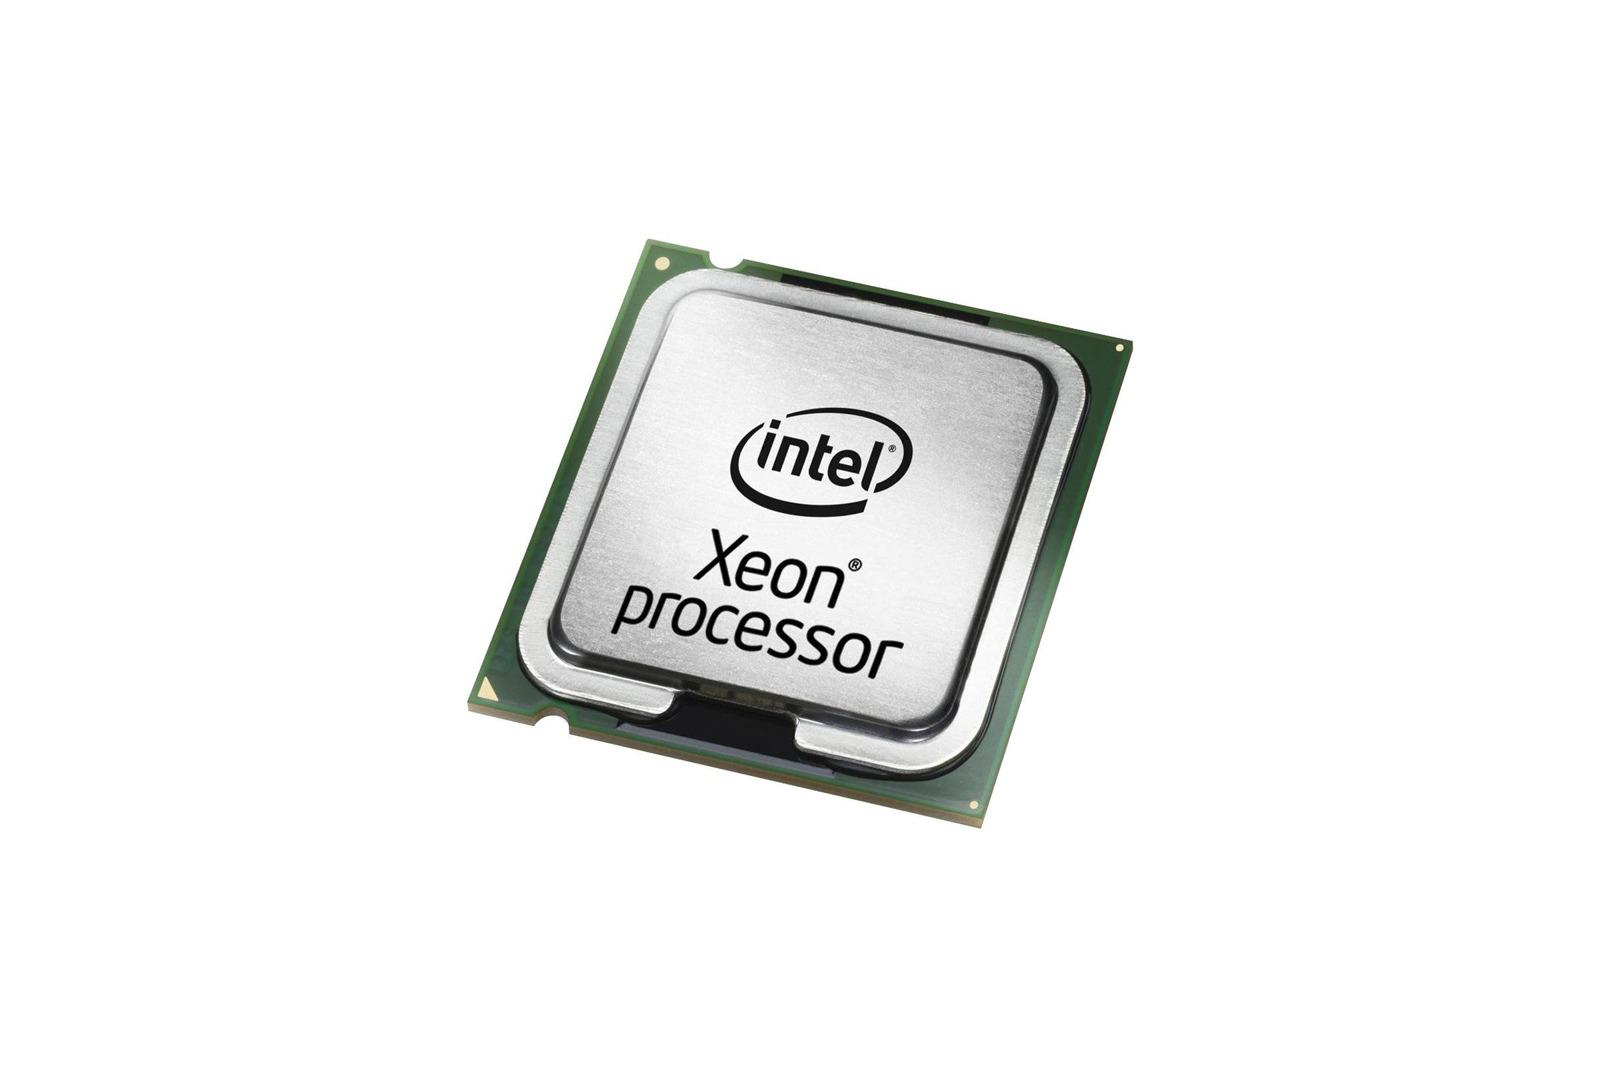 Processor Intel Xeon E5640 2.66GHz